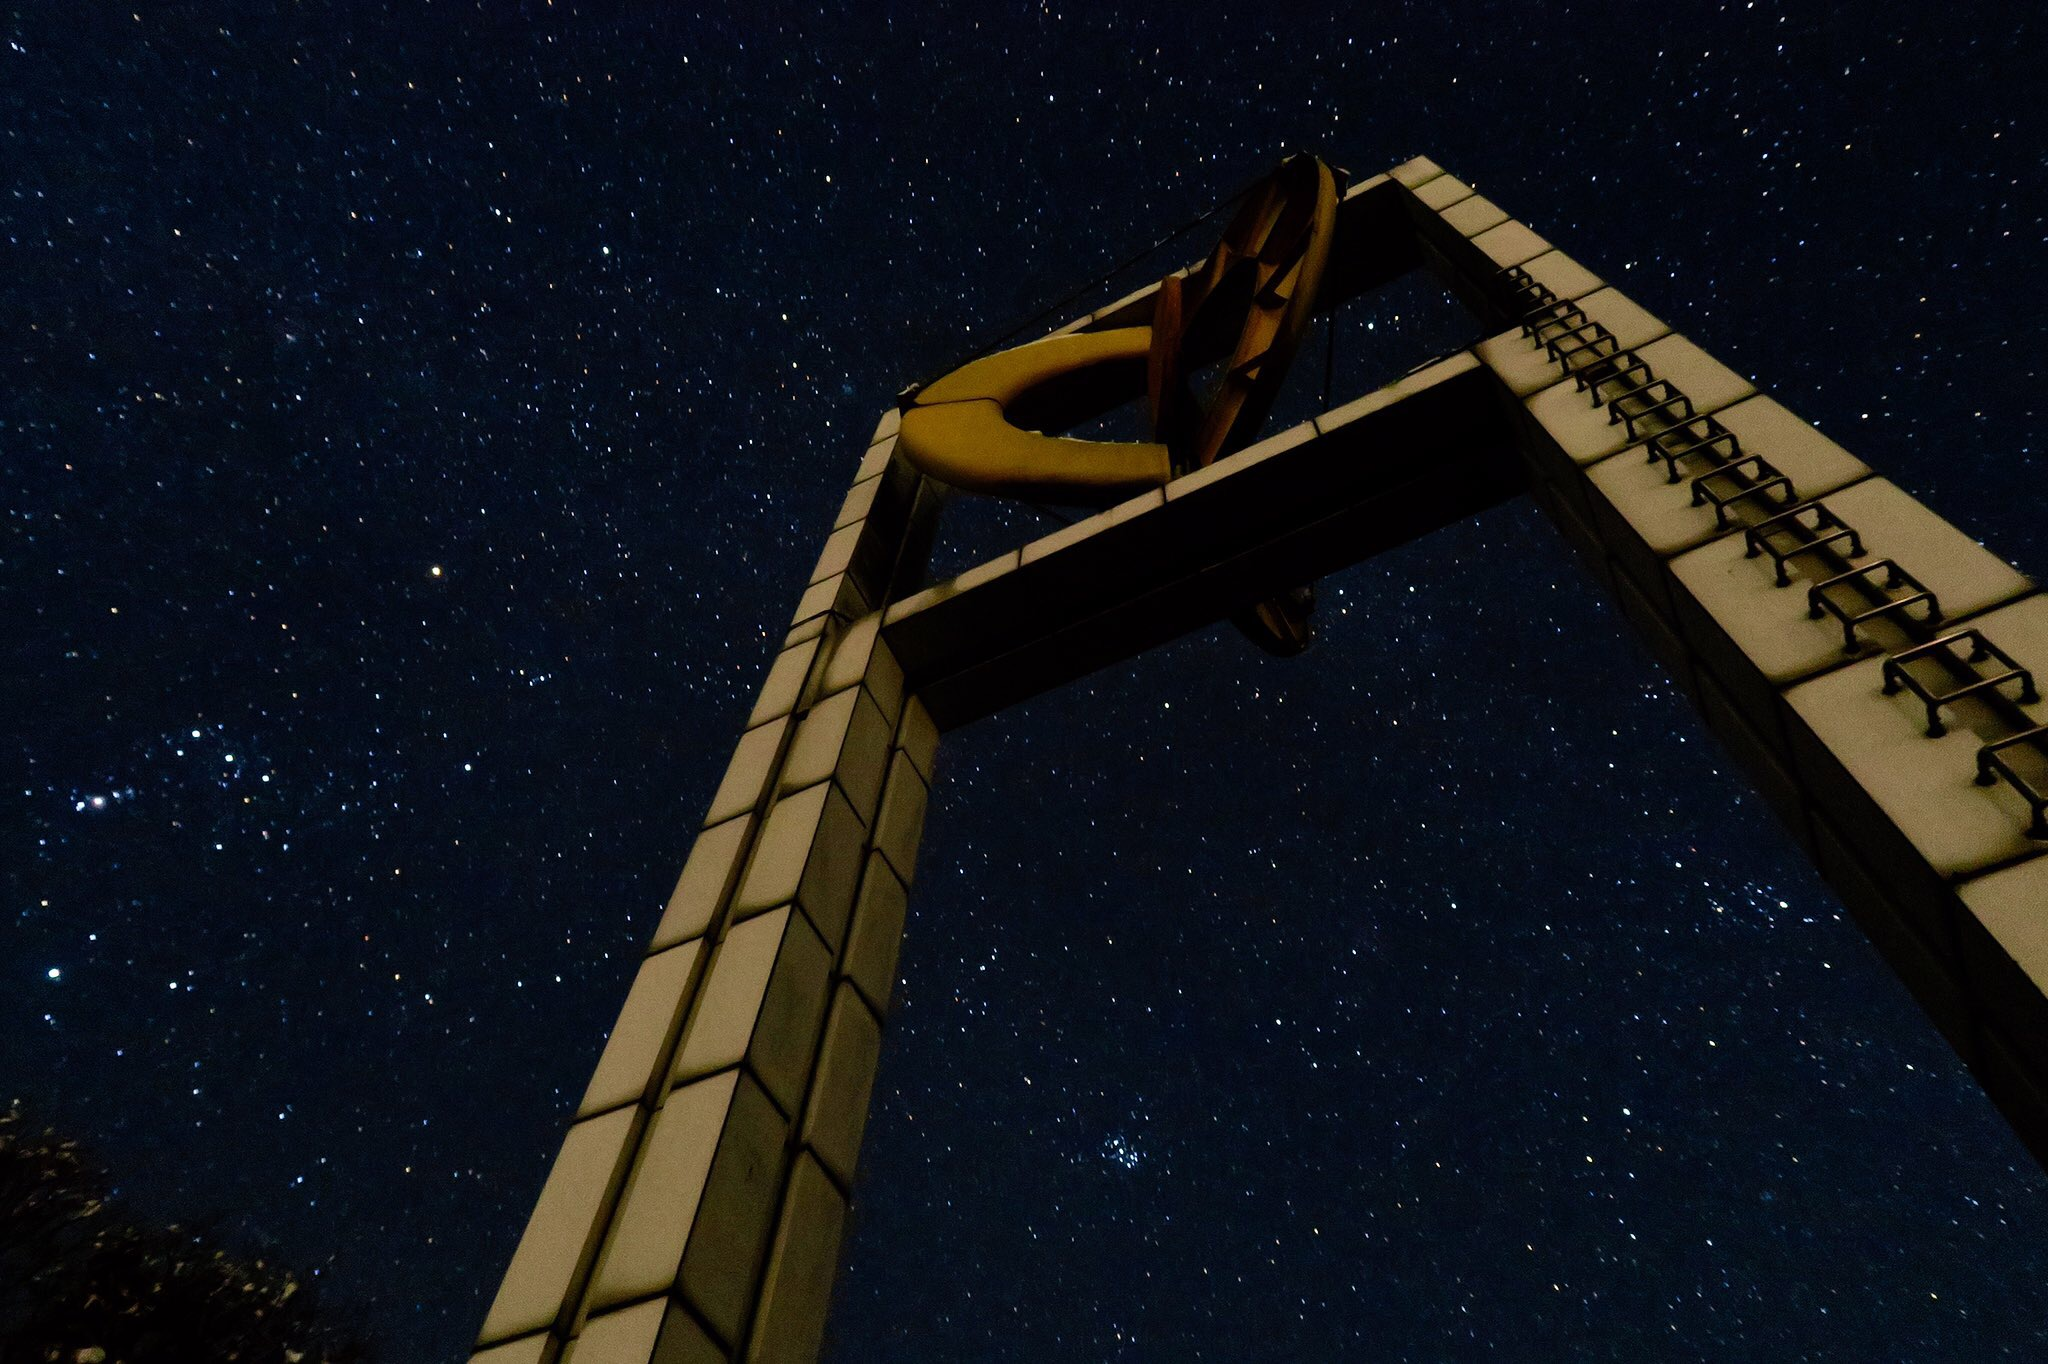 雲海ファンの間で「雲海夜景」と呼ばれる、夜景と雲海のコラボレーションも発信します